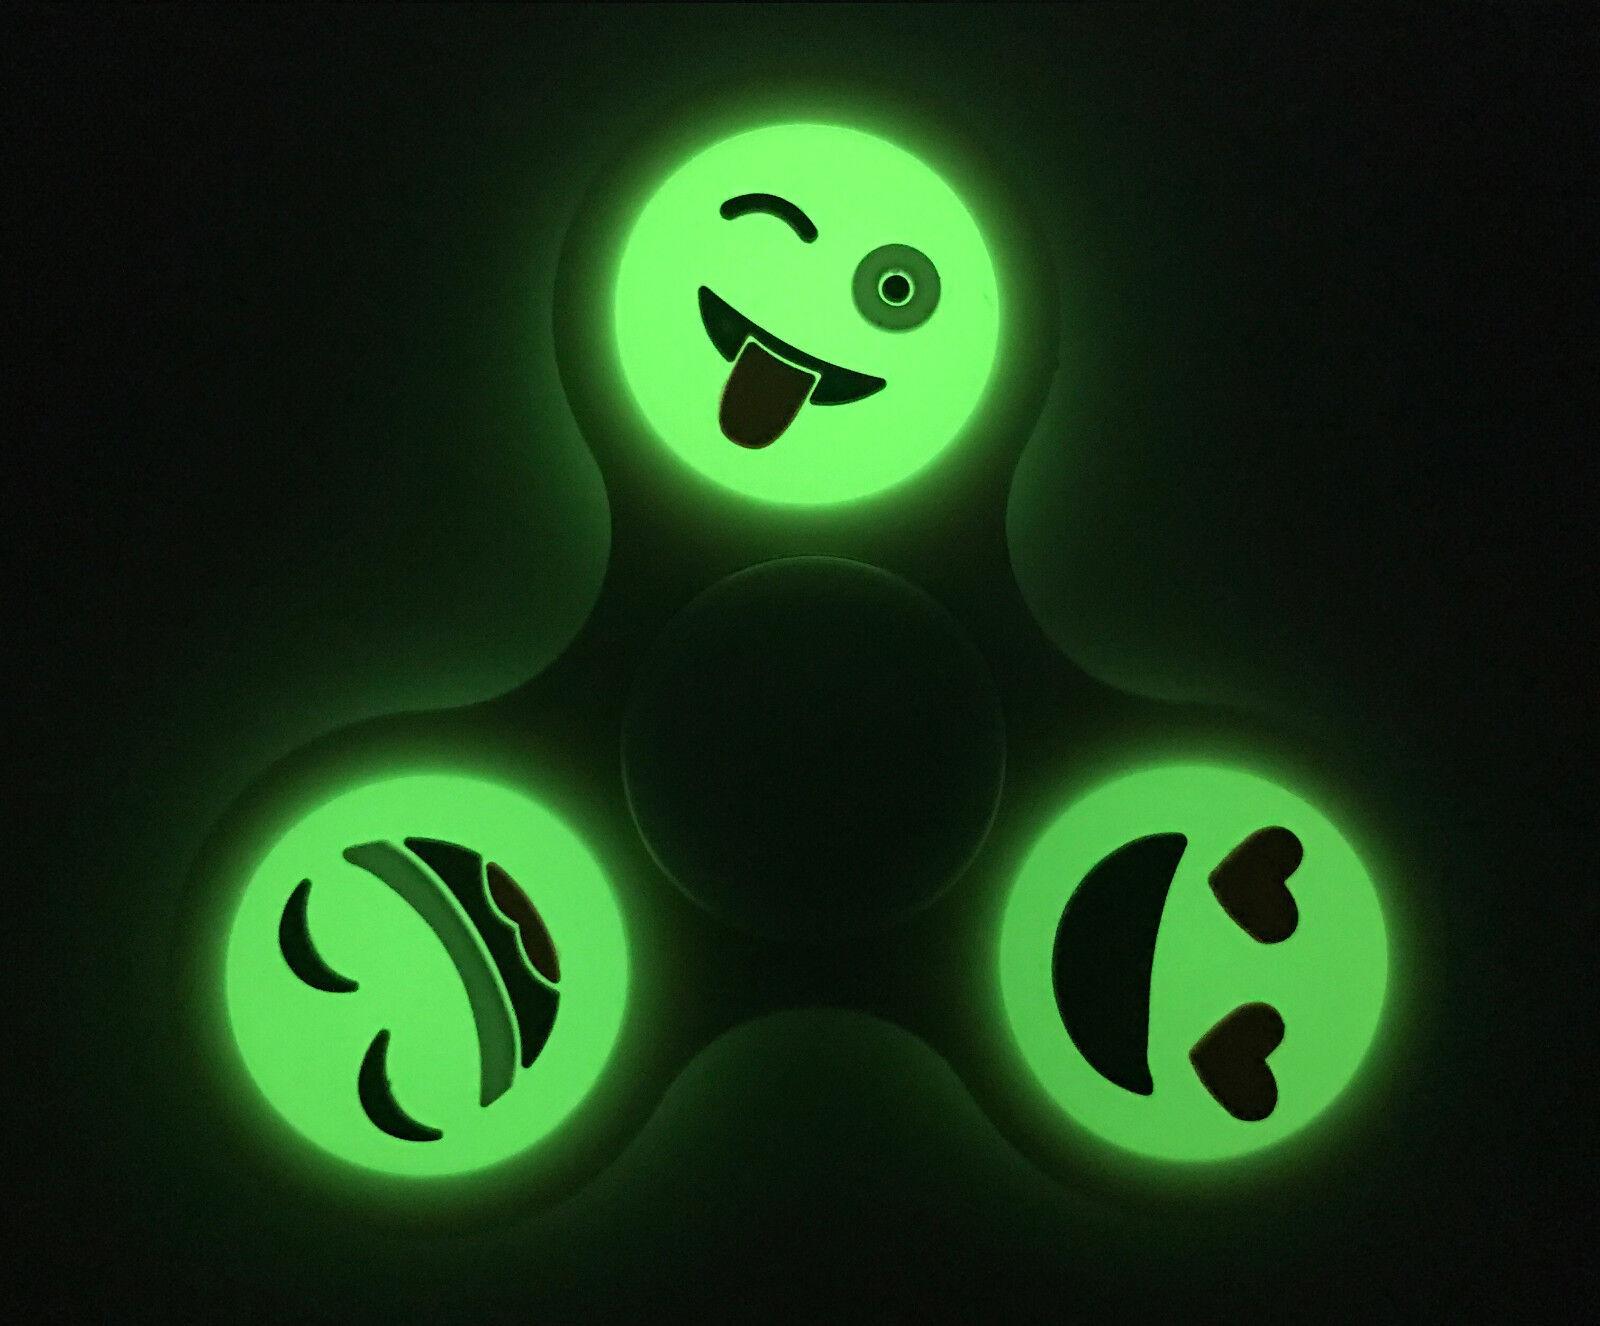 Frozen 3 Pack Disney Movie Fidget Spinner Toy 3 Way Emoji